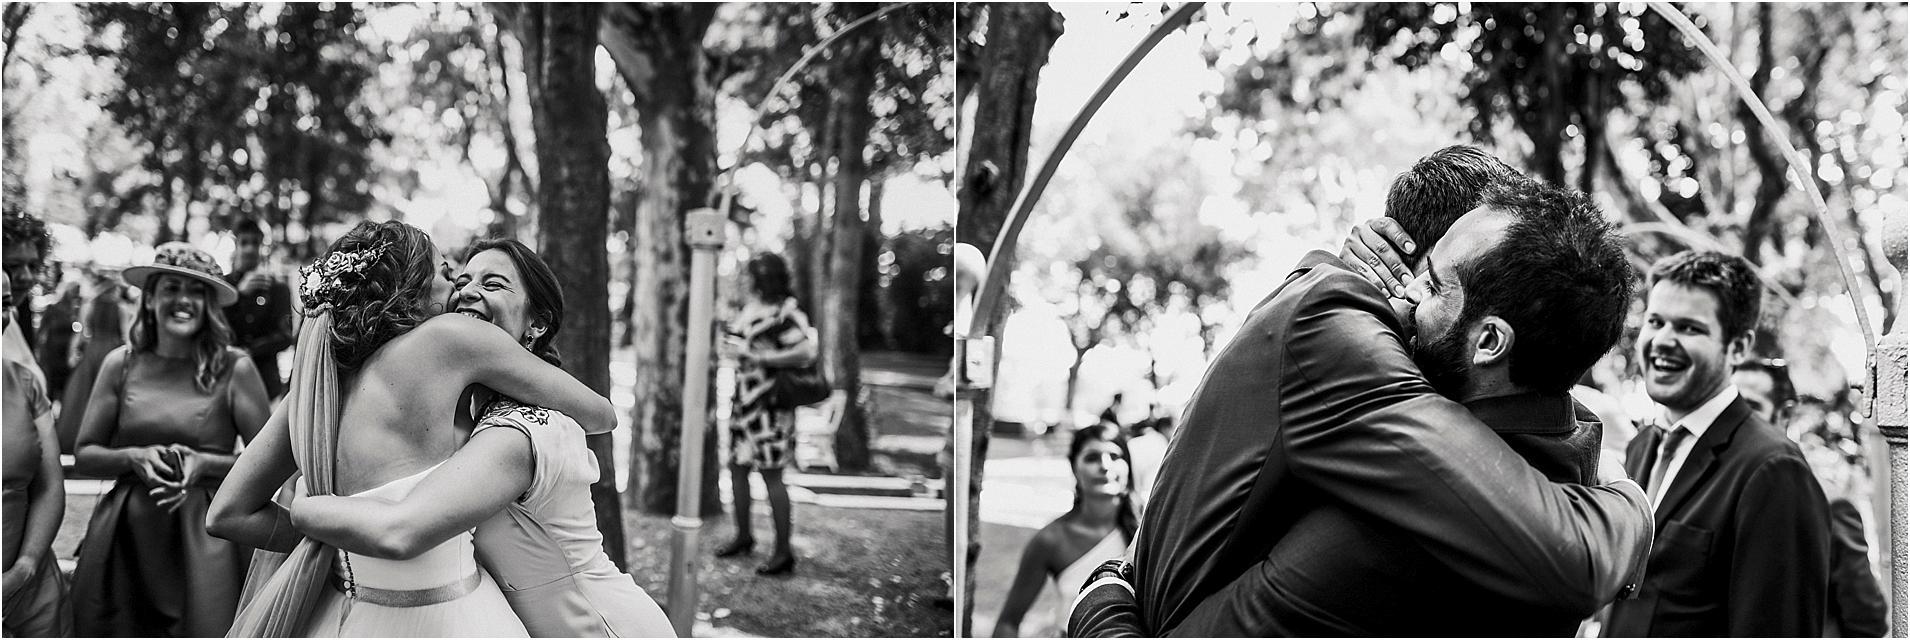 Fotografos-de-boda-donostia-zaragoza-san-sebastian-destination-wedding-photographer-66.jpg